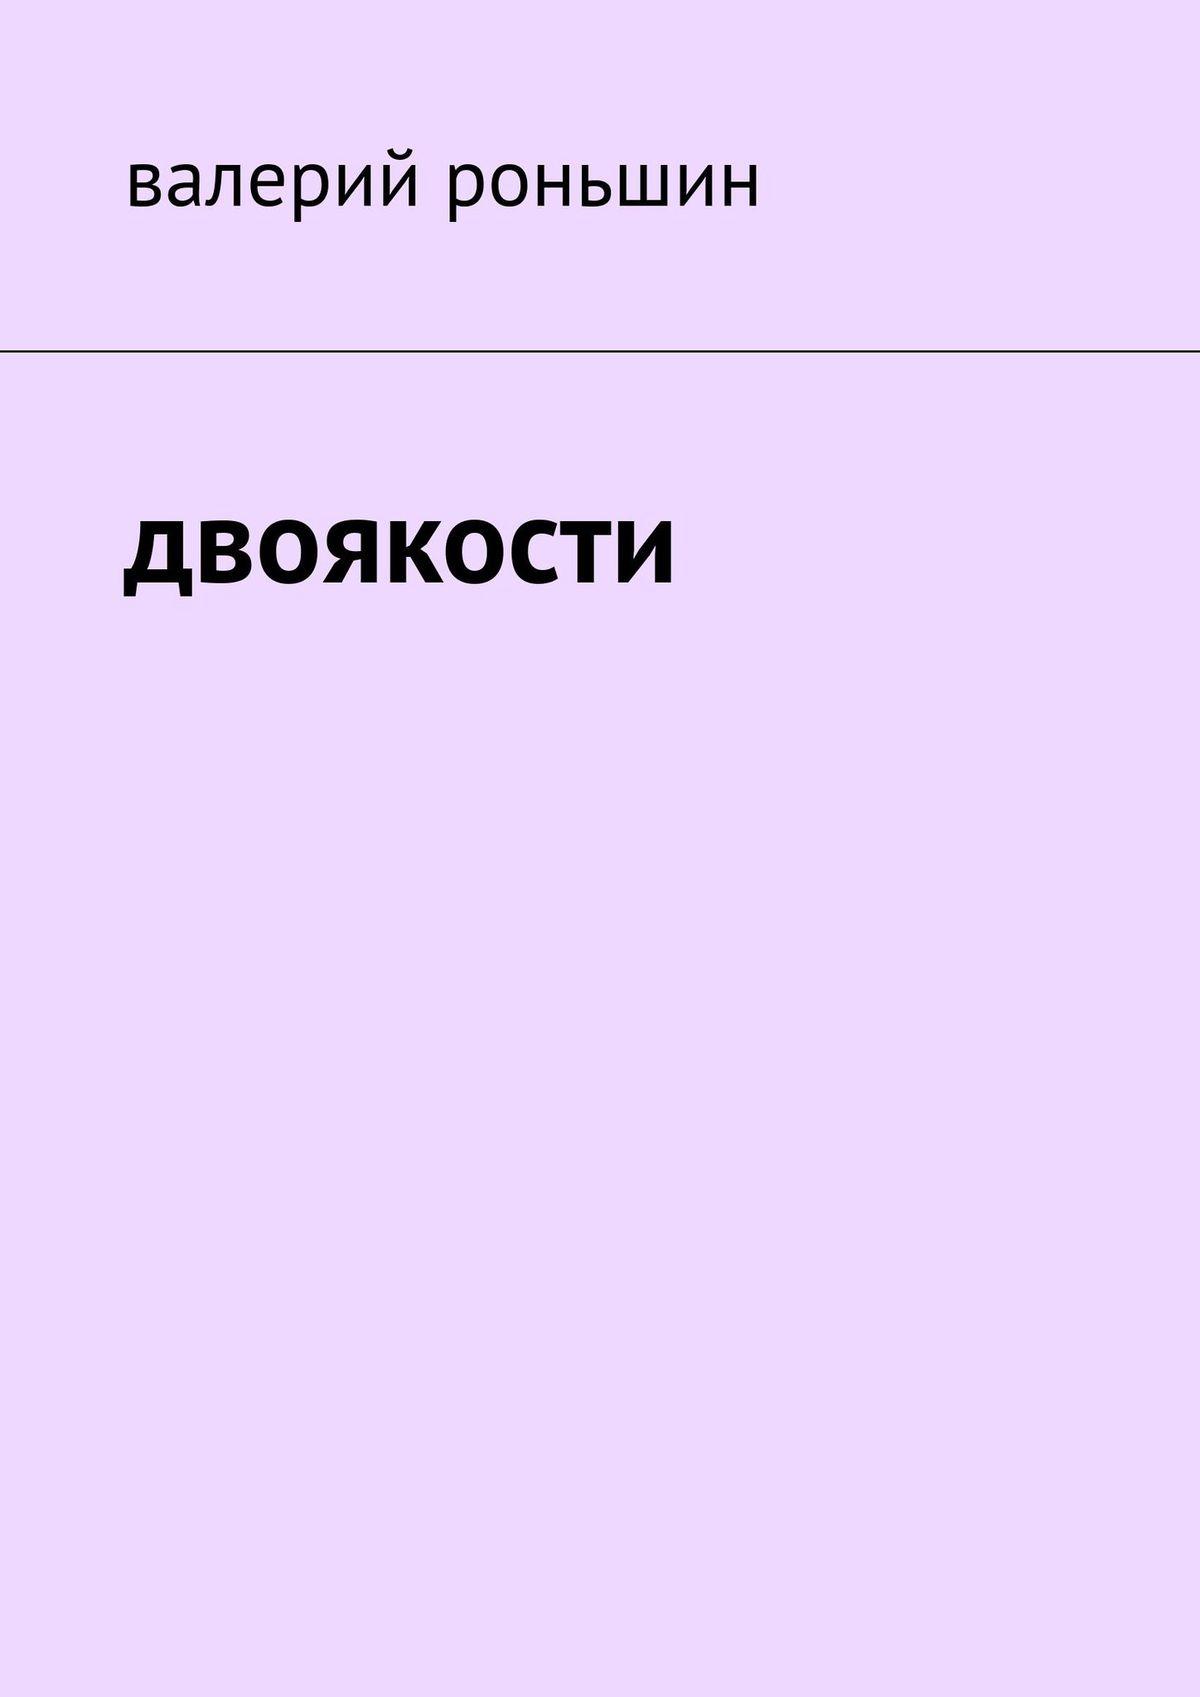 купить Валерий Роньшин Чёрная дыра поимени Танечка онлайн